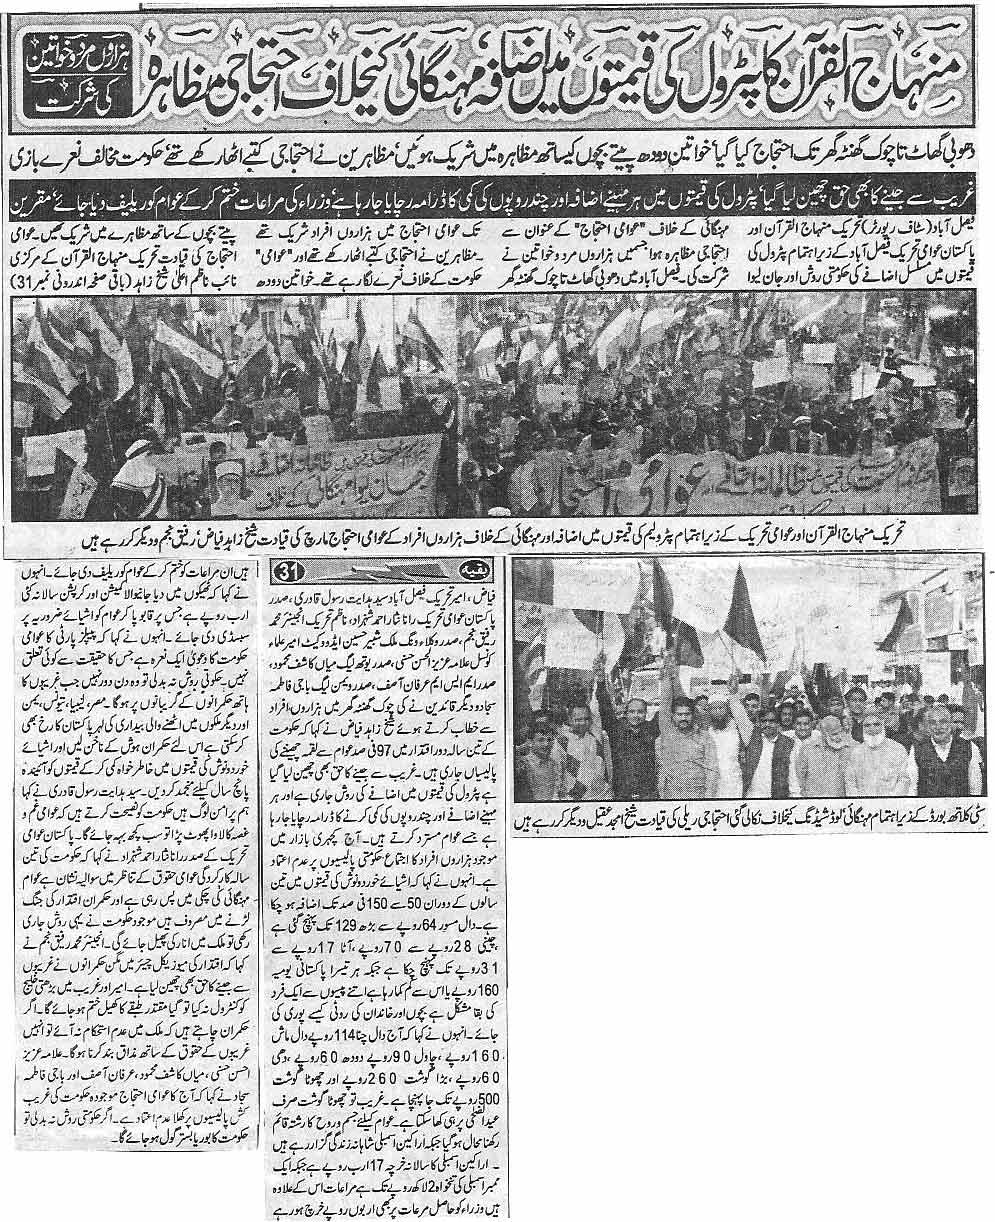 تحریک منہاج القرآن Minhaj-ul-Quran  Print Media Coverage پرنٹ میڈیا کوریج Daily Har Lamha (Faisalabad)